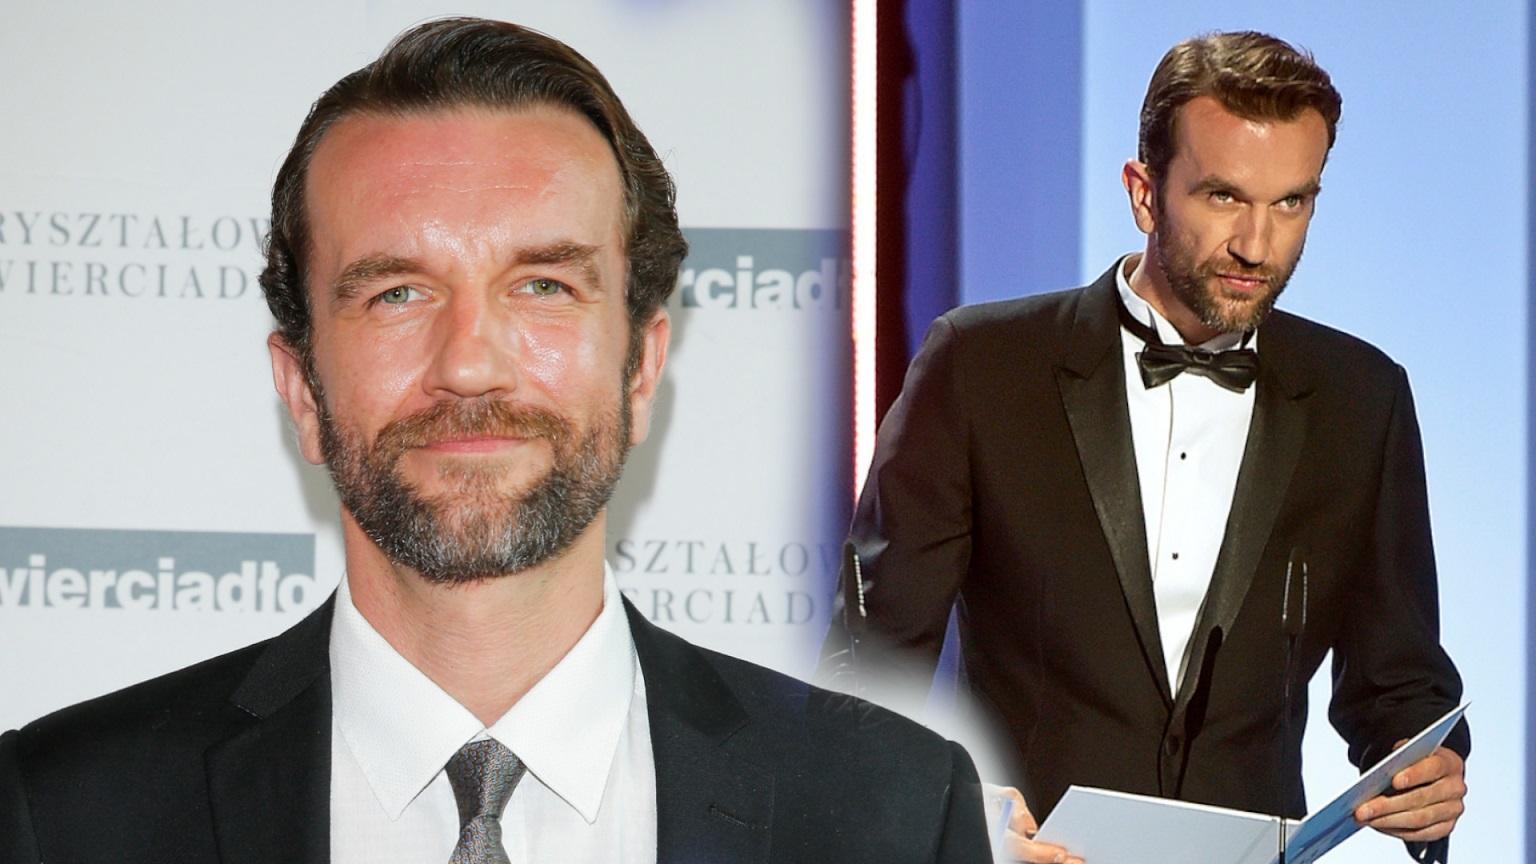 OMG! Brytyjski reżyser zatrudnił Tomasza Kota. Zagra wybitną postać!